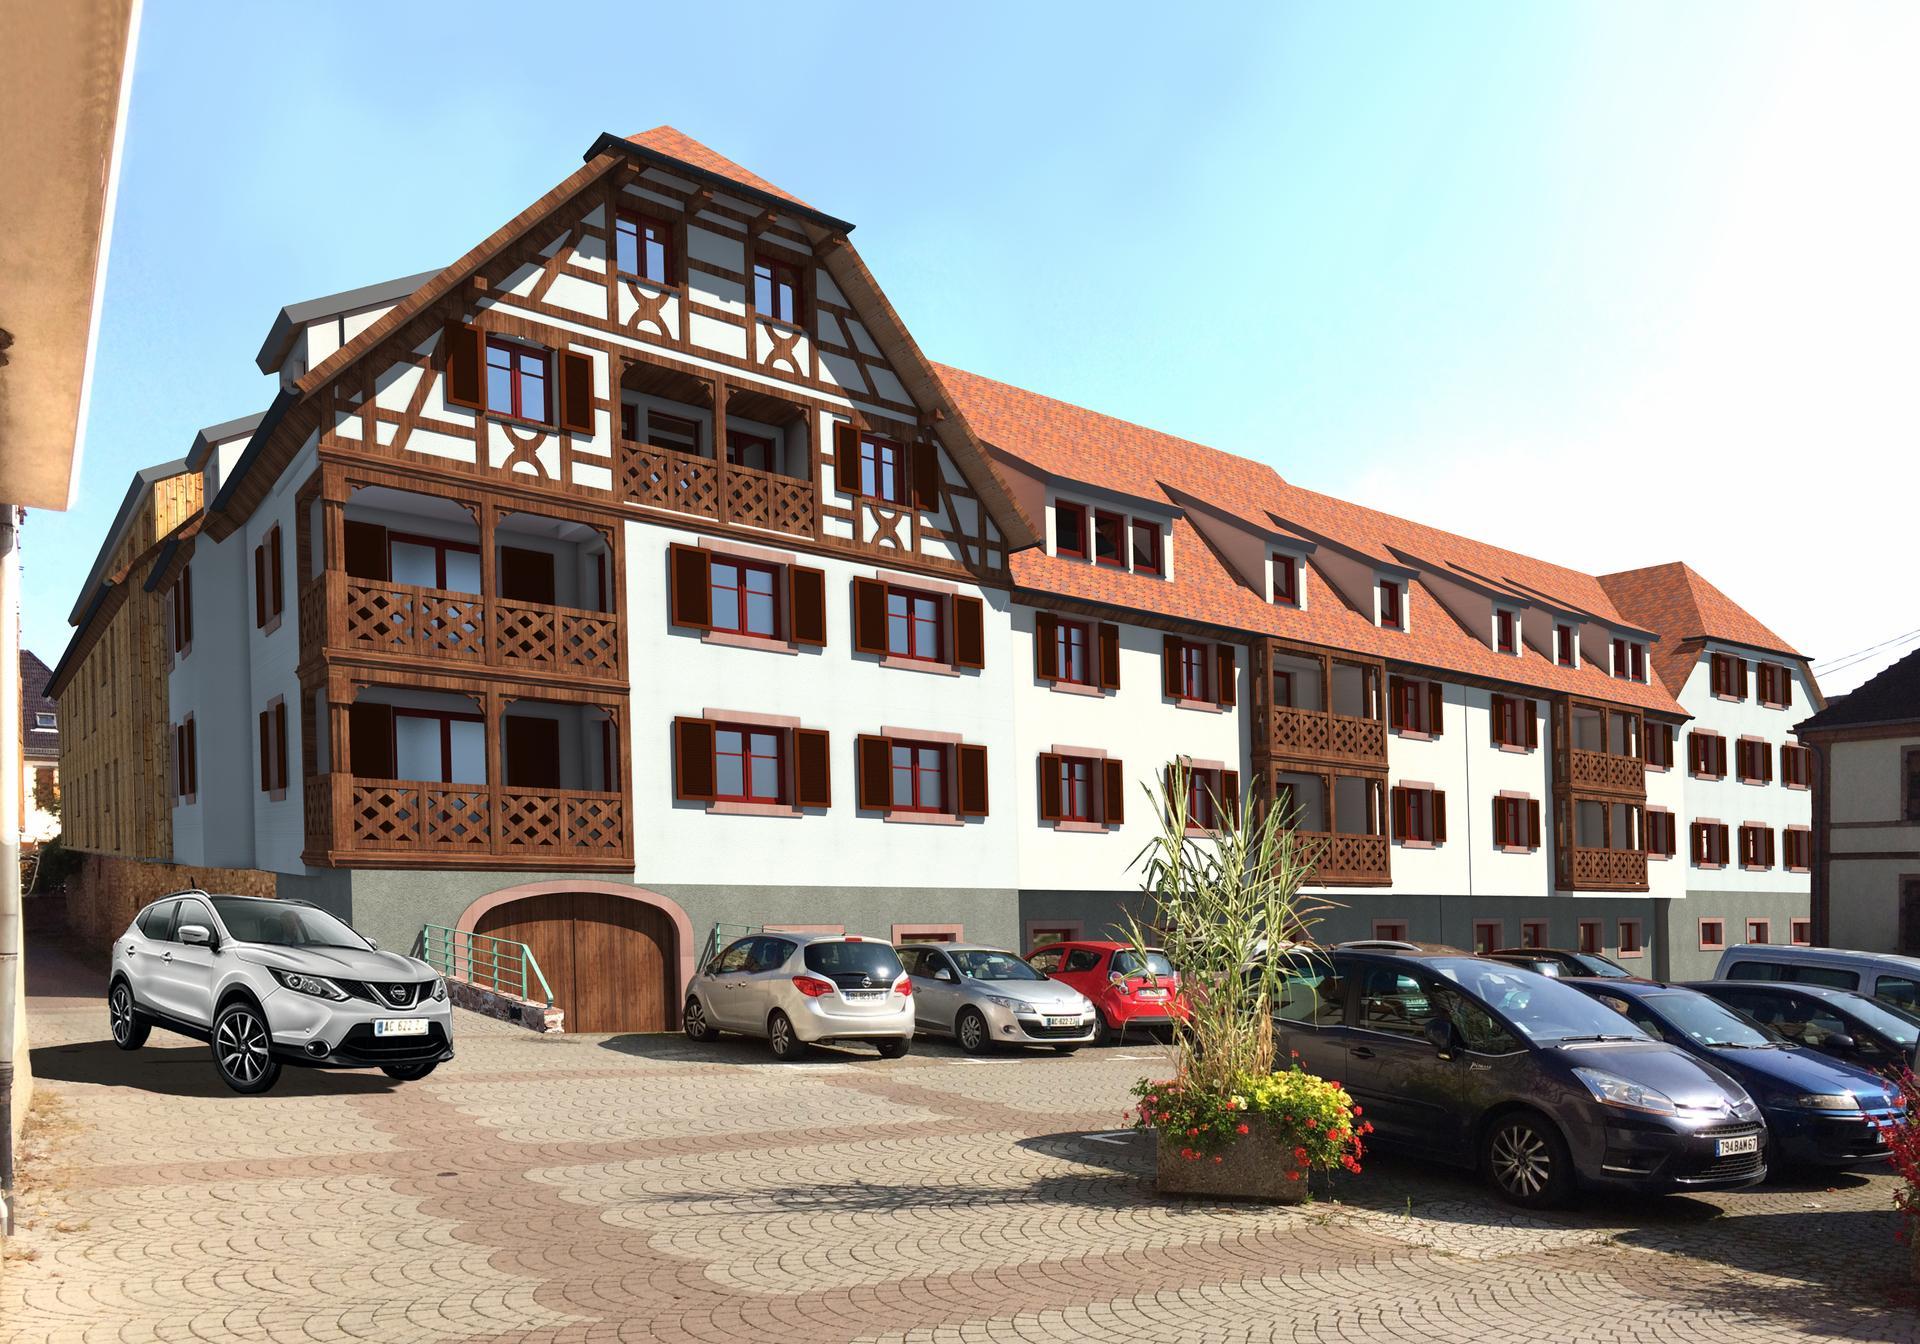 Rosheim_Meyerhof_html_9a99de1381325900